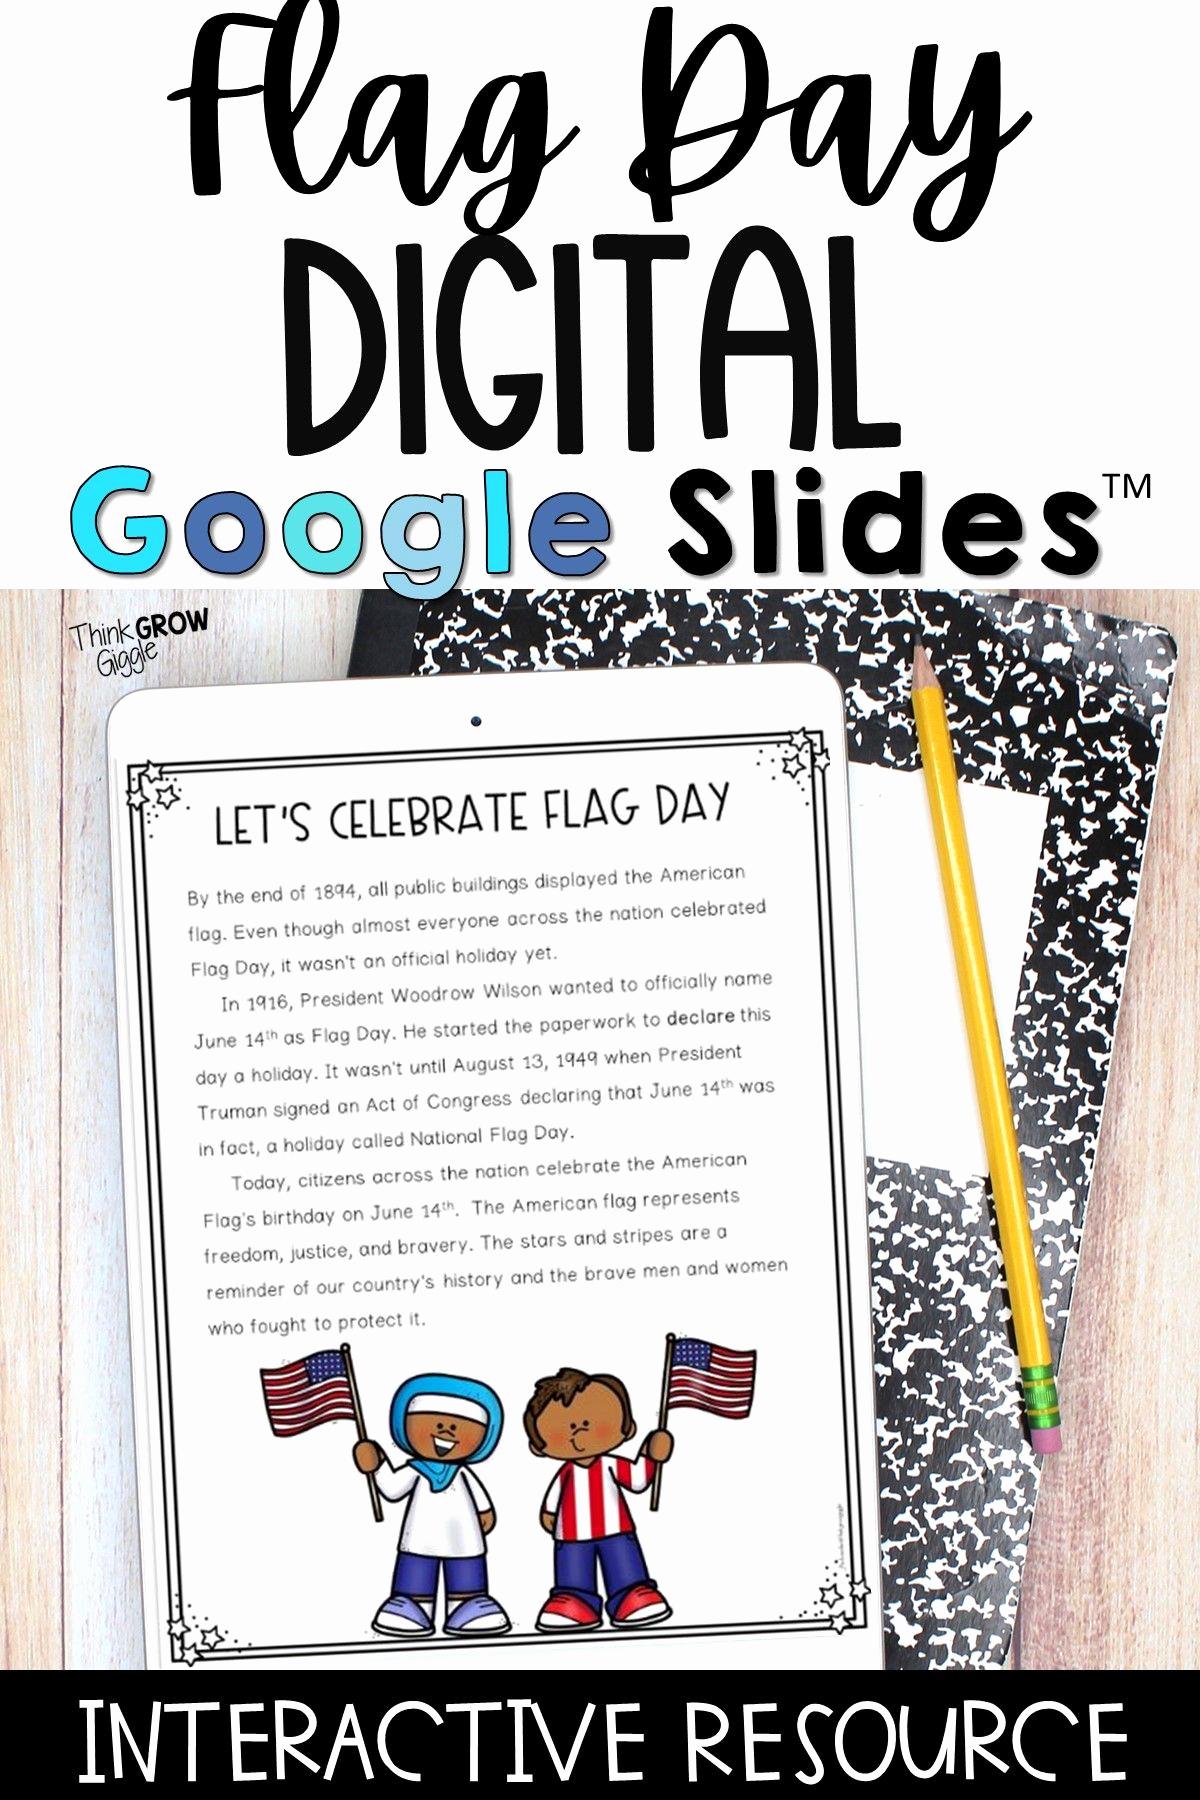 Flag Day Reading Comprehension Worksheets Luxury Flag Day Activities and Reading Prehension Google